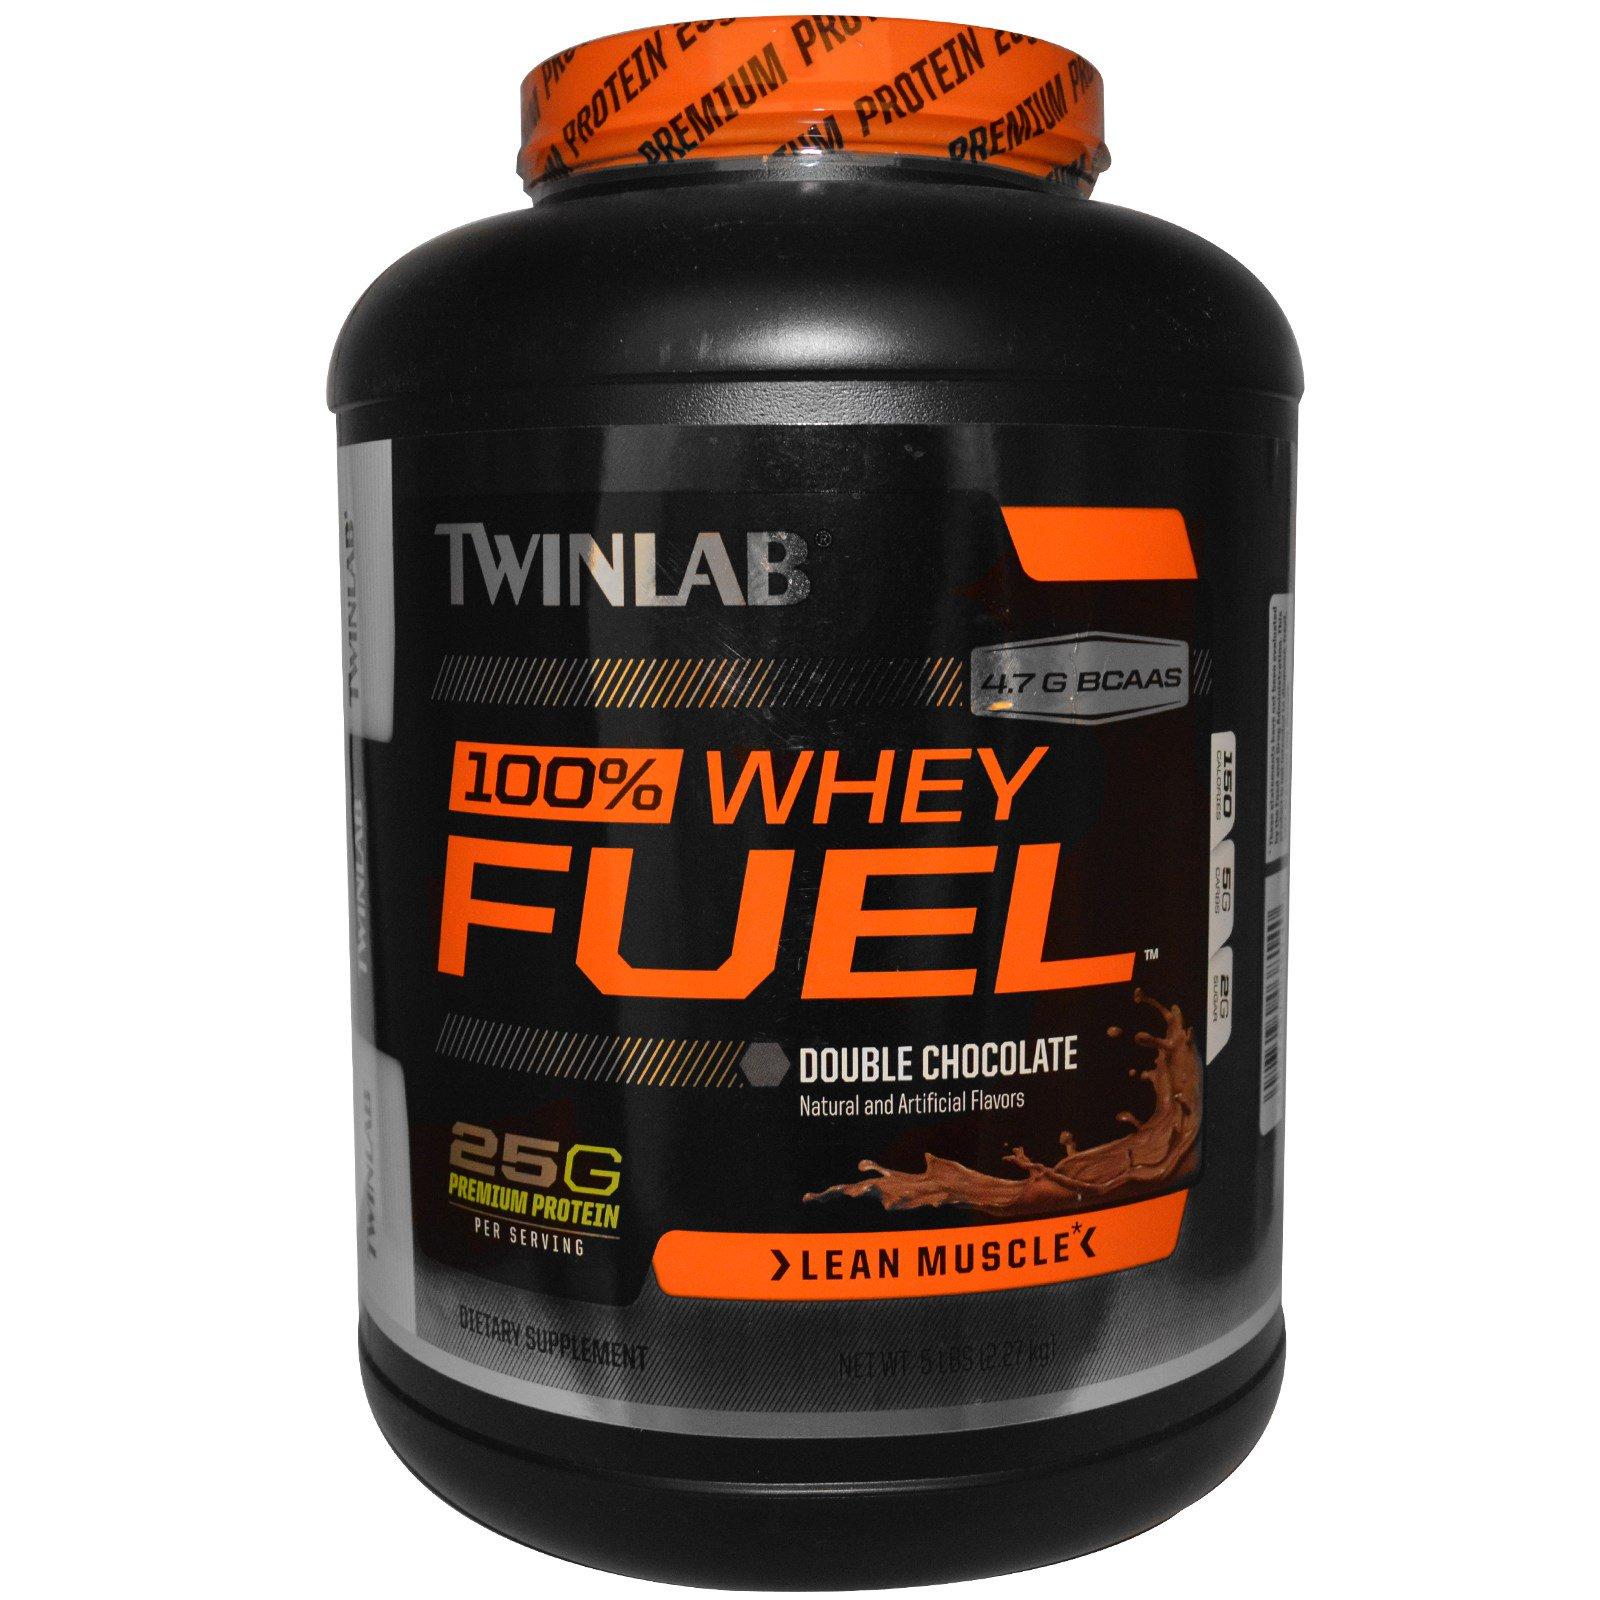 Как употреблять twinlab whey protein fuel